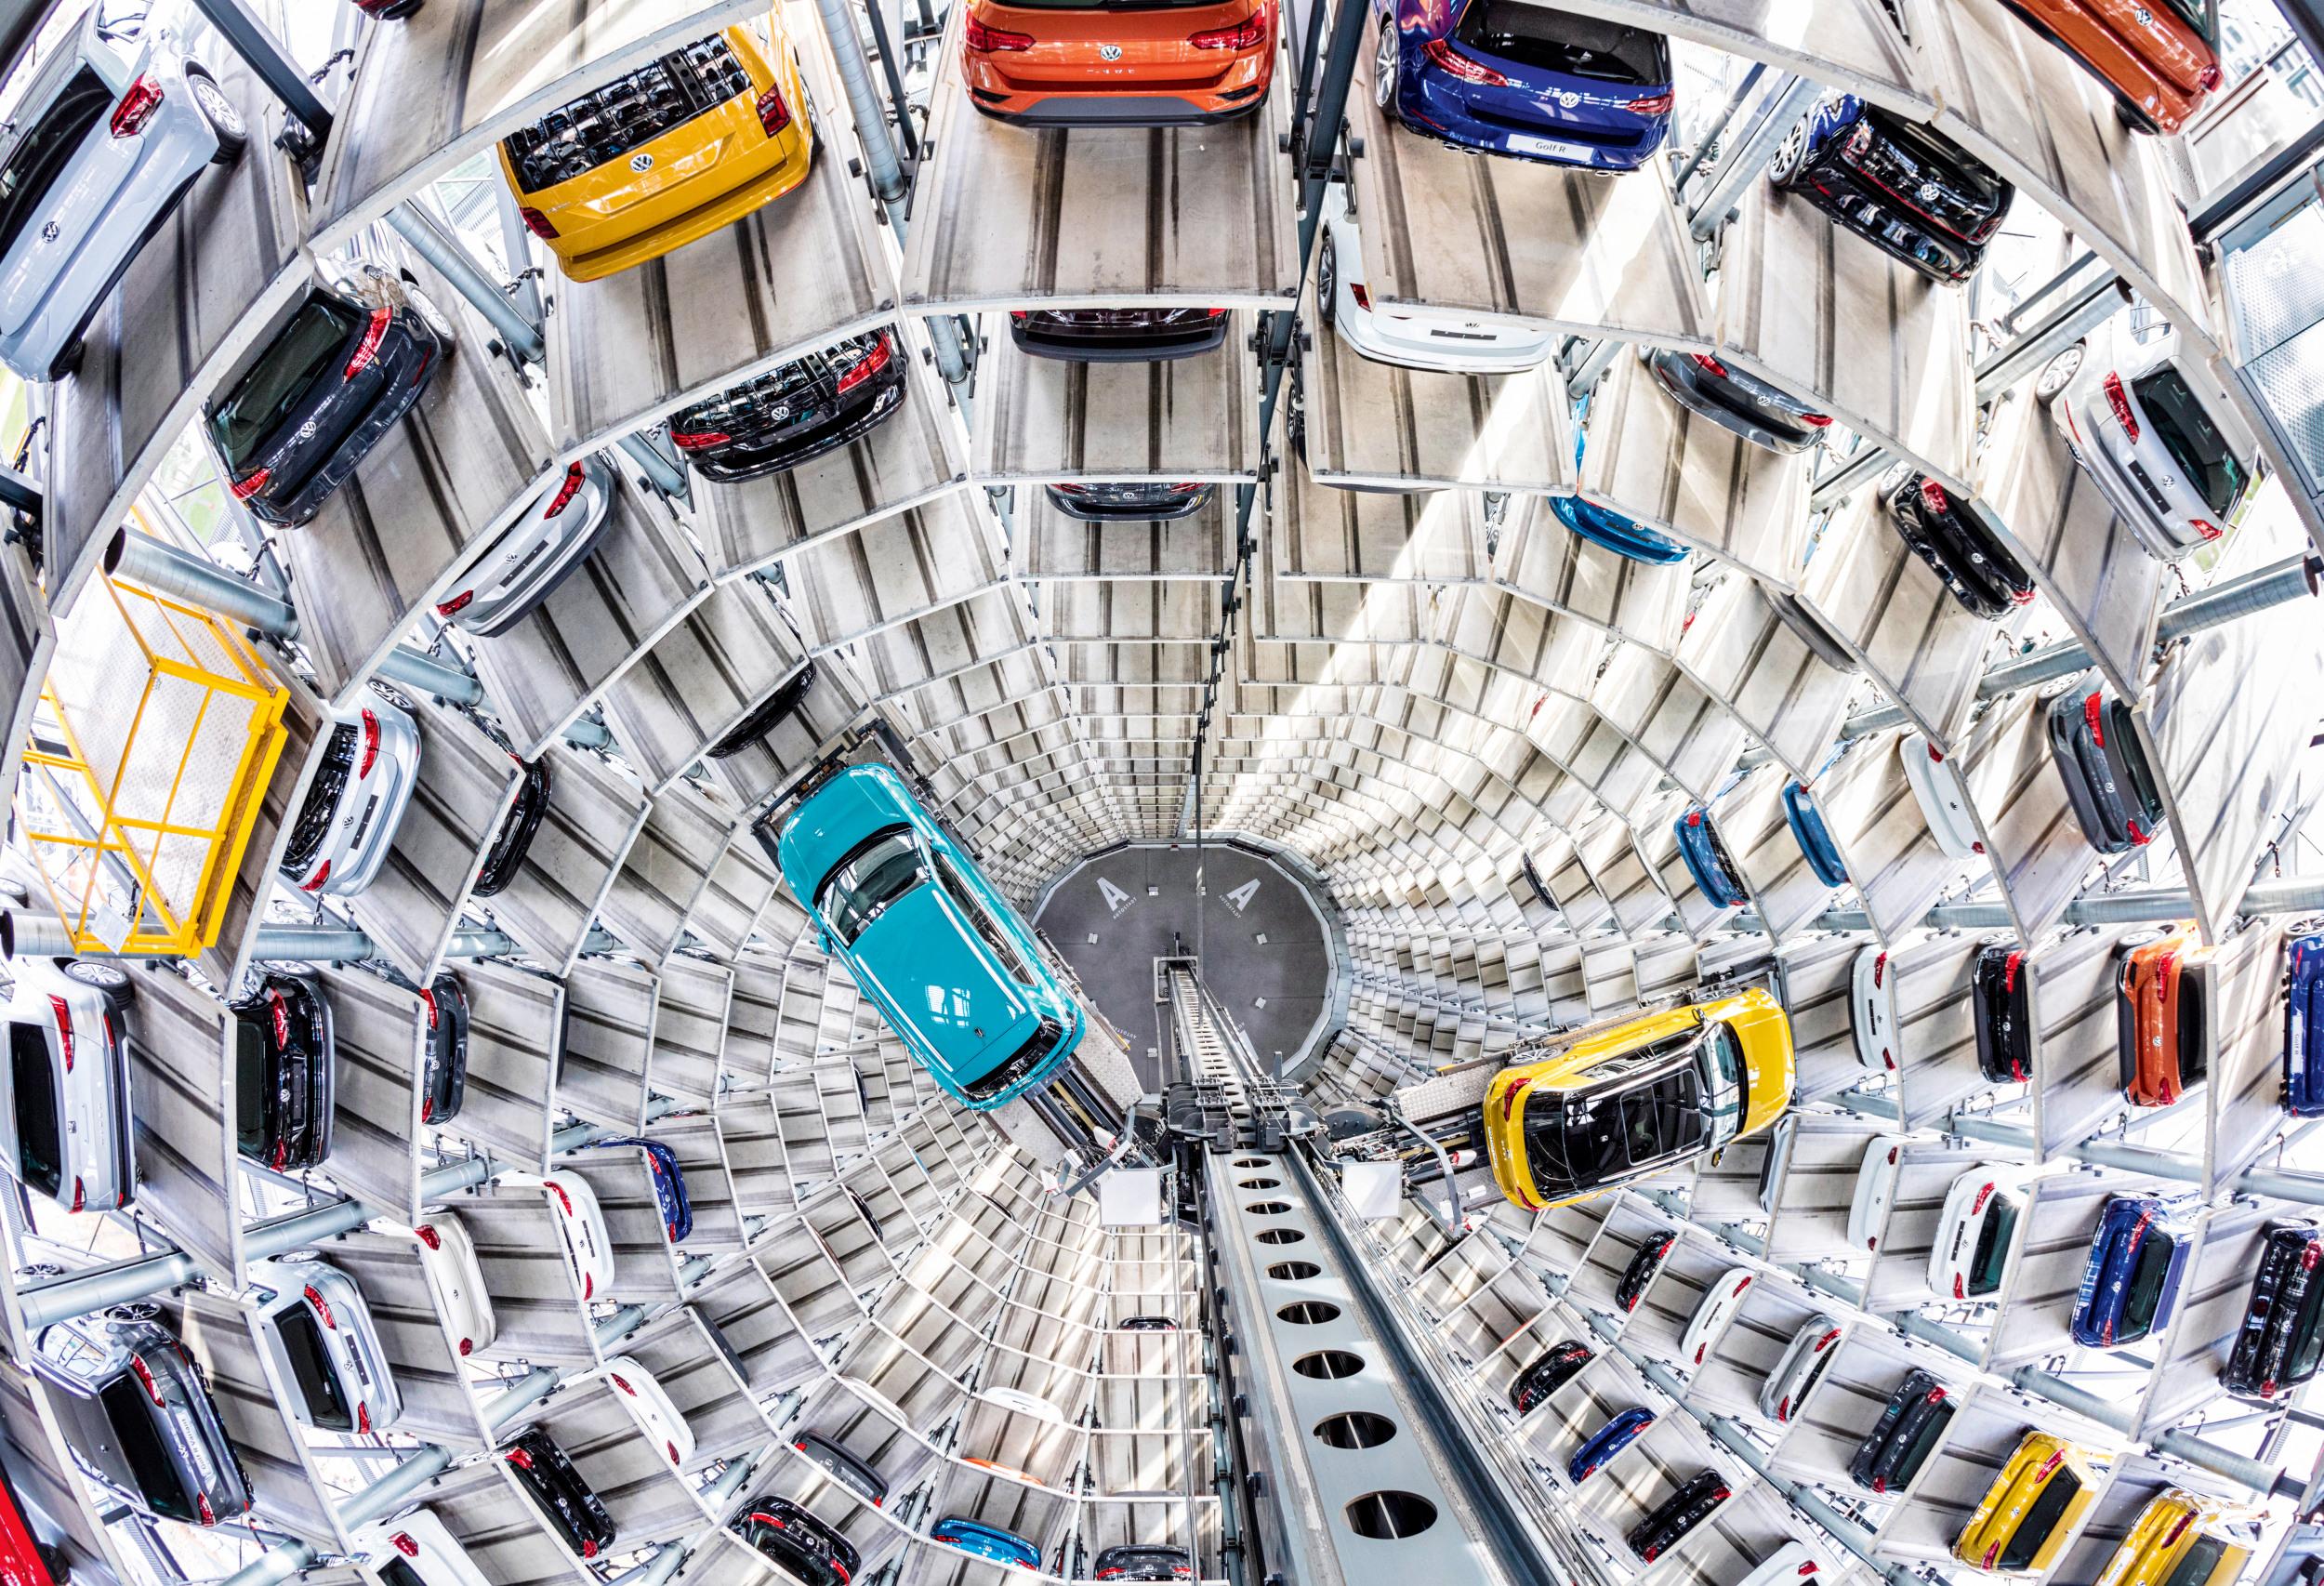 PS-PALAST In der VW-Autostadt warten fabrikneue Fahrzeuge auf Selbstabholer